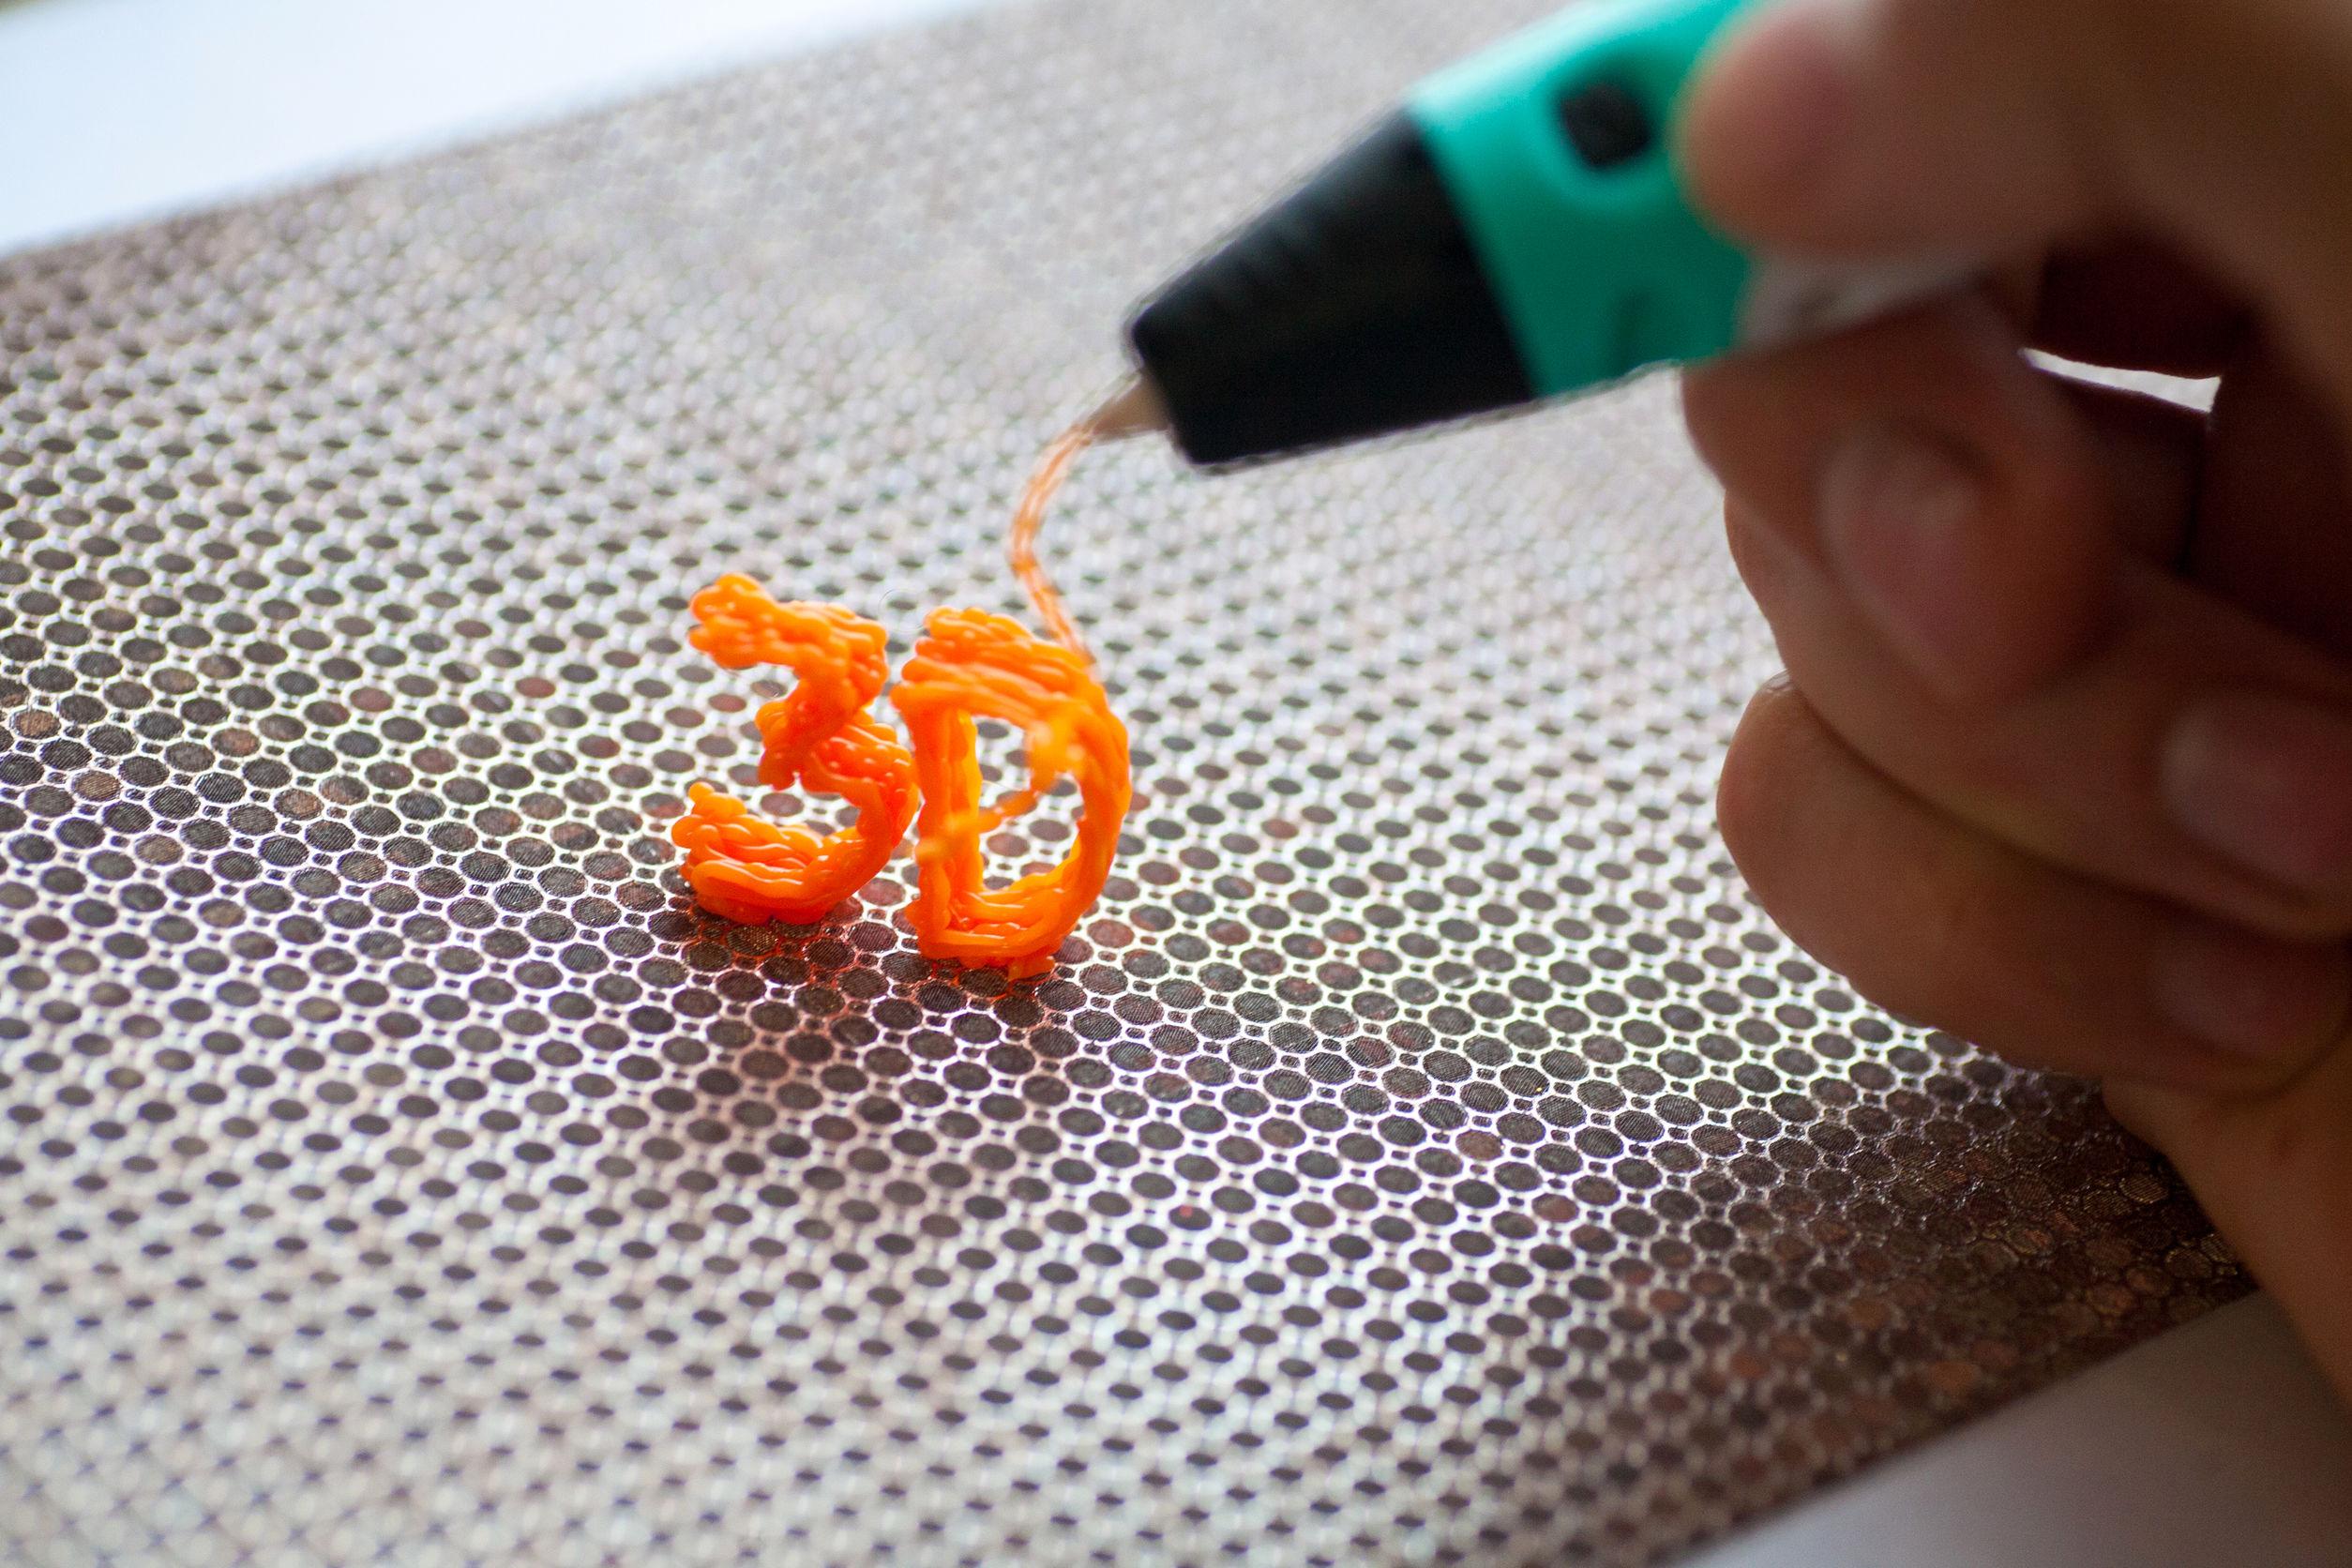 Imagem mostra uma pessoa usando uma caneta 3D para um trabalho artesanal.